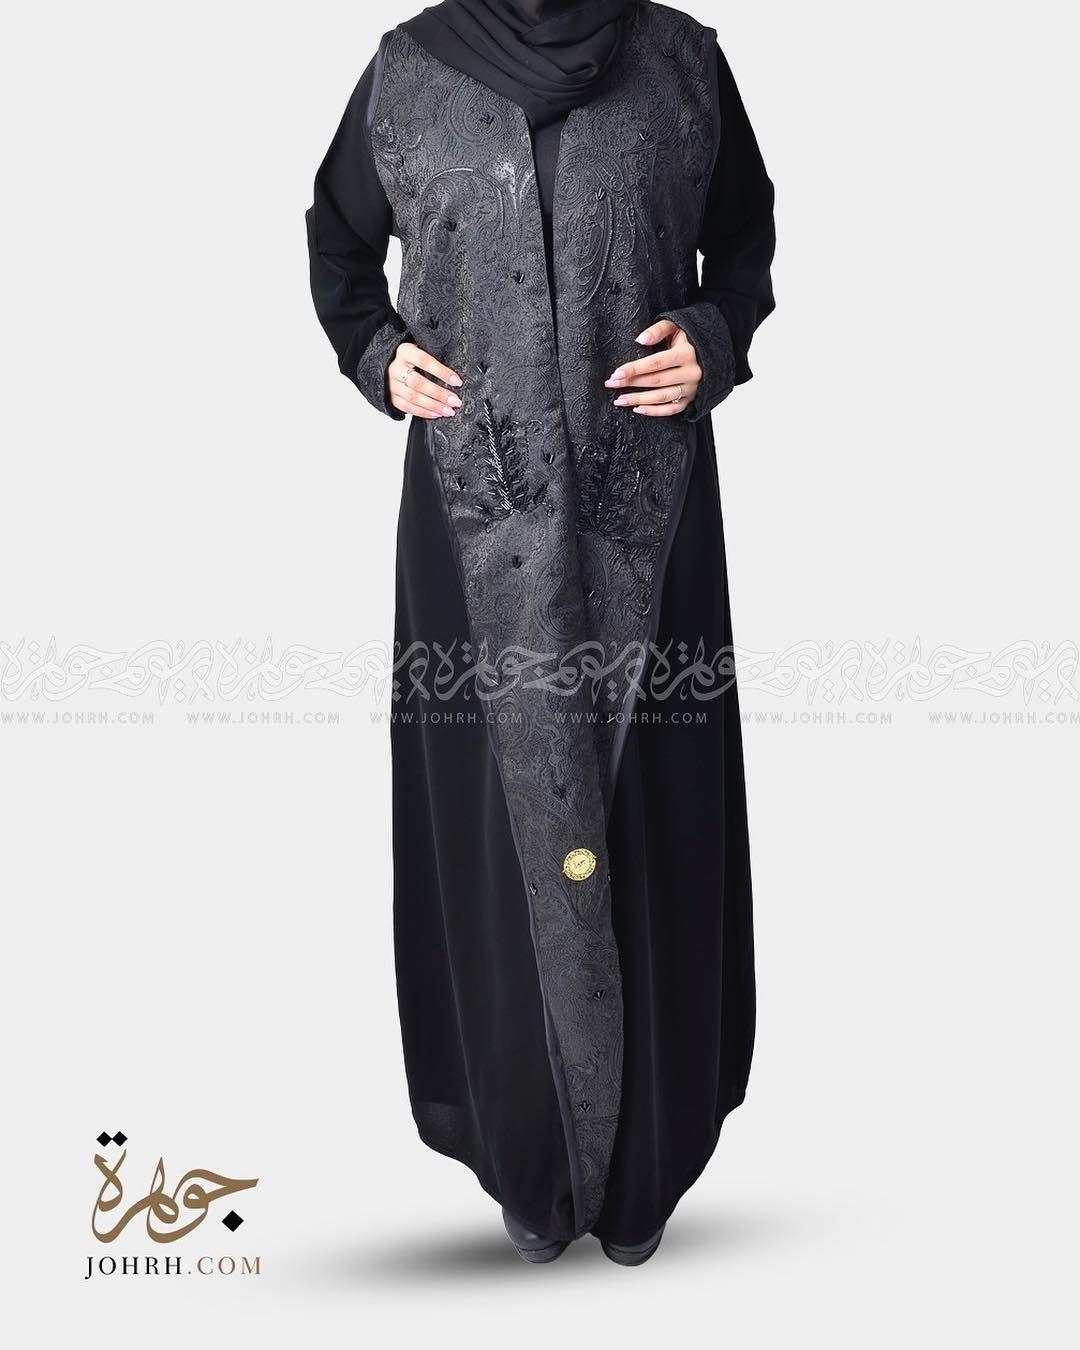 الموديل ١٢٥٧ السعر ٢٤٠ ريال عباية لف بقماش كريب ملكي ولياقه كبيرة تأتي على طول العباءة بقماش اسود مزخرف بتفاصيل لامعة والمشكوك با Fashion Duster Coat Coat